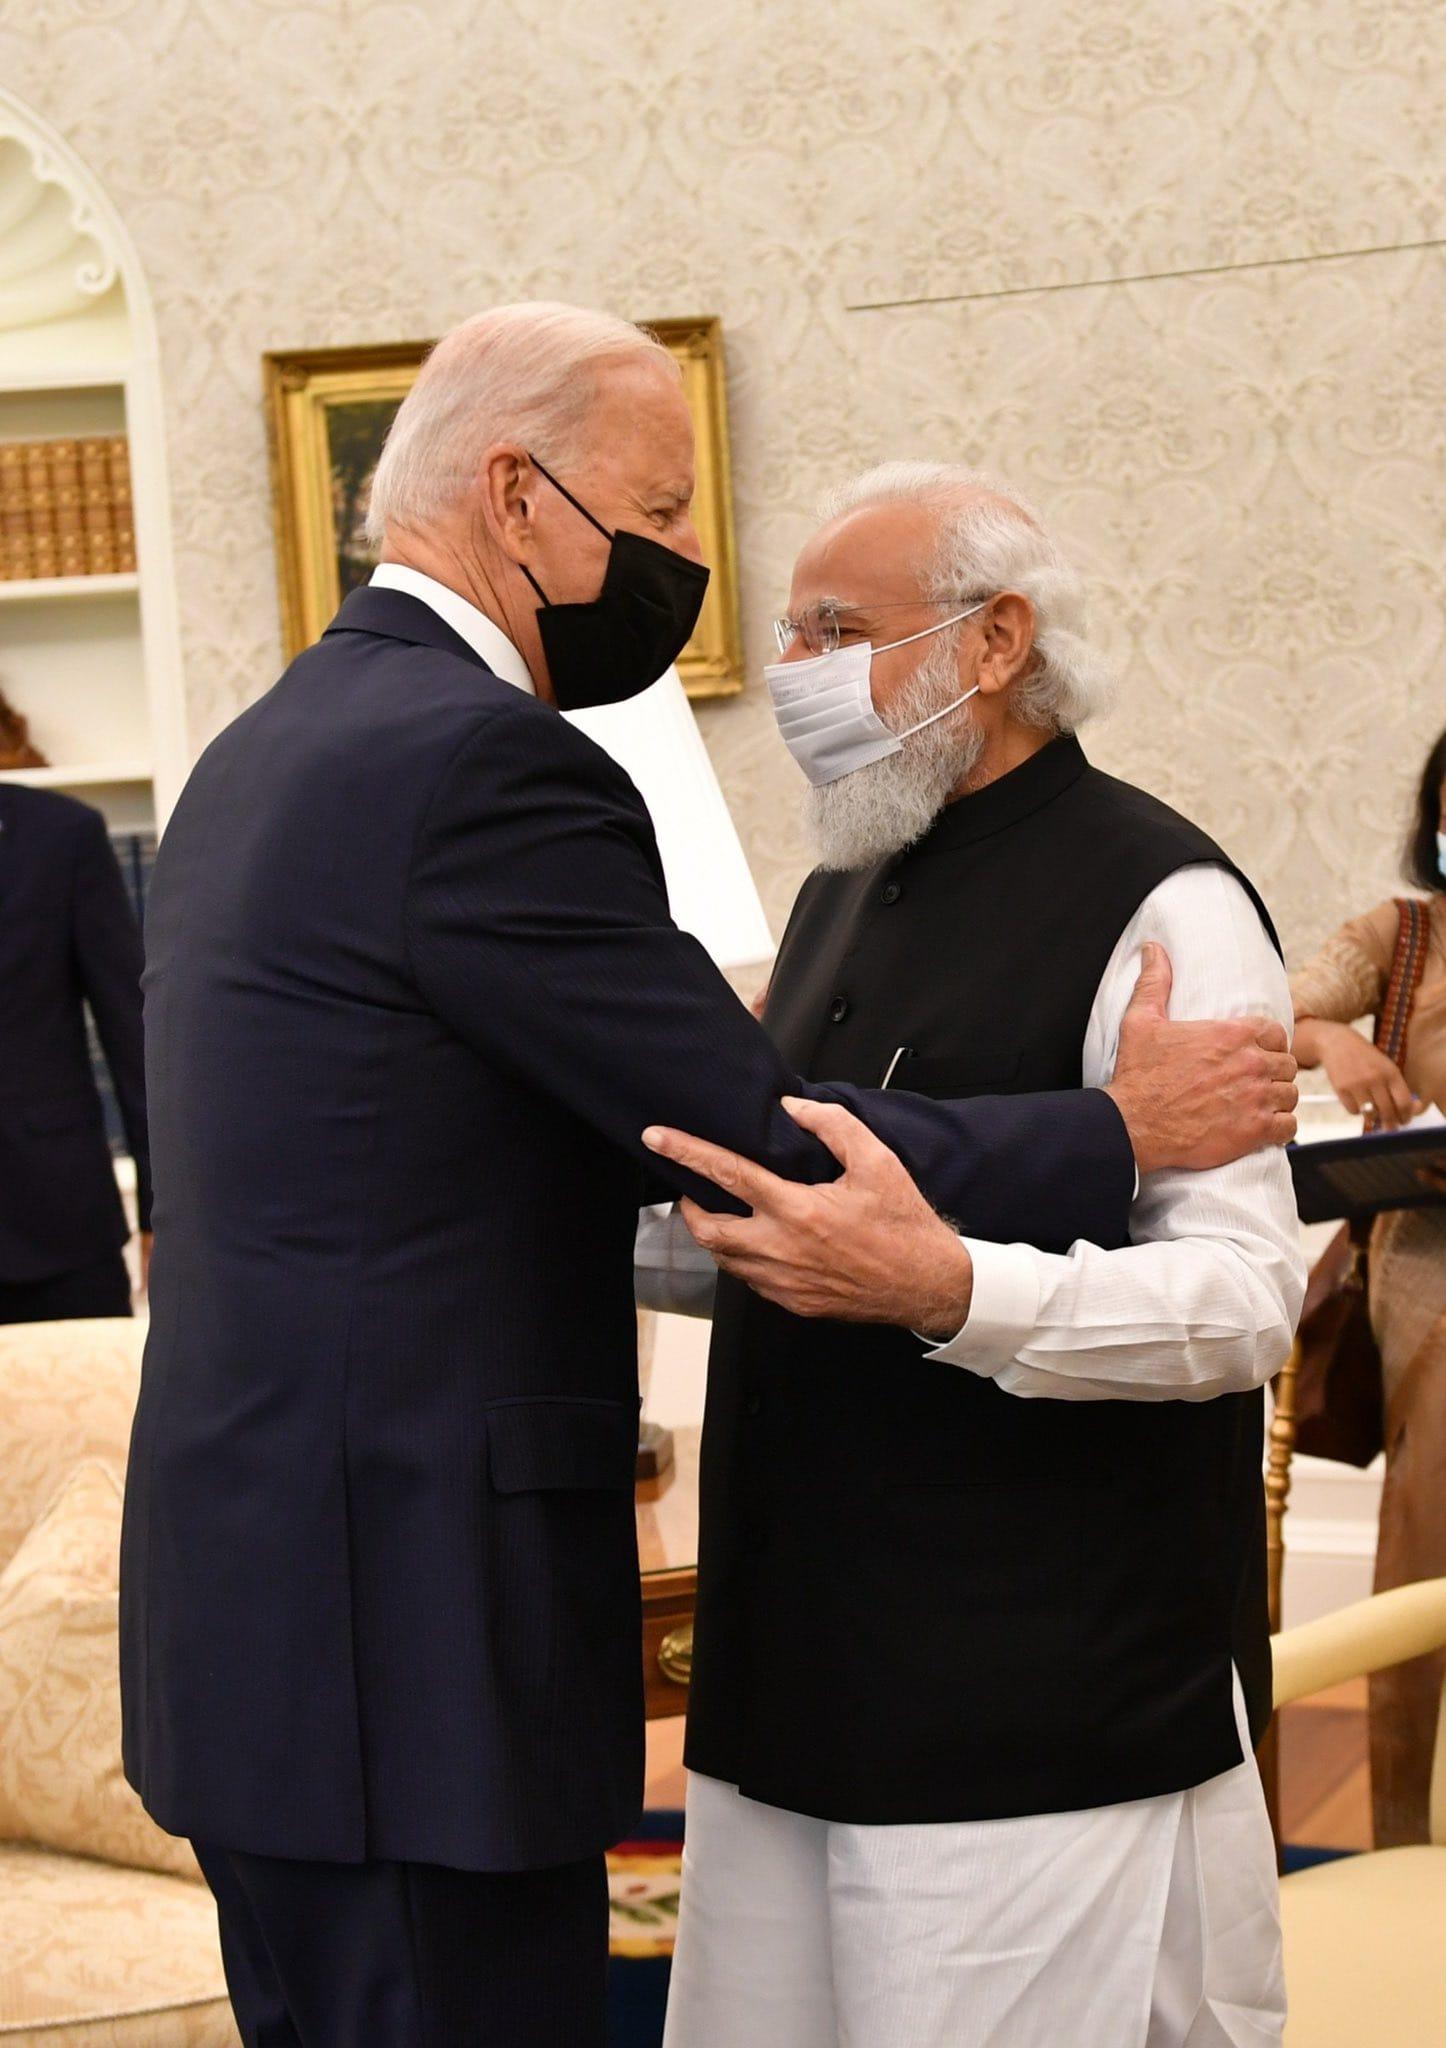 पीएम मोदी ने अमेरिकी राष्ट्रपति जो बाइडन से मुलाकात की: प्रधान मंत्री नरेंद्र मोदी ने 24 सितंबर को पहली द्विपक्षीय बैठक के लिए अमेरिकी राष्ट्रपति बाइडन से मुलाकात की. इस दौरान दोनों नेताओं ने कोविड -19 का मुकाबला करने, जलवायु परिवर्तन और आर्थिक सहयोग सहित कई प्राथमिकता वाले मुद्दों पर चर्चा की. साल 2014 में पदभार ग्रहण करने के बाद 7वीं बार अमेरिका की यात्रा पर आए प्रधानमंत्री मोदी ने बाइडन के साथ शुक्रवार की द्विपक्षीय शिखर वार्ता को महत्वपूर्ण बताया. (तस्वीर: पीएमओ ट्विटर)